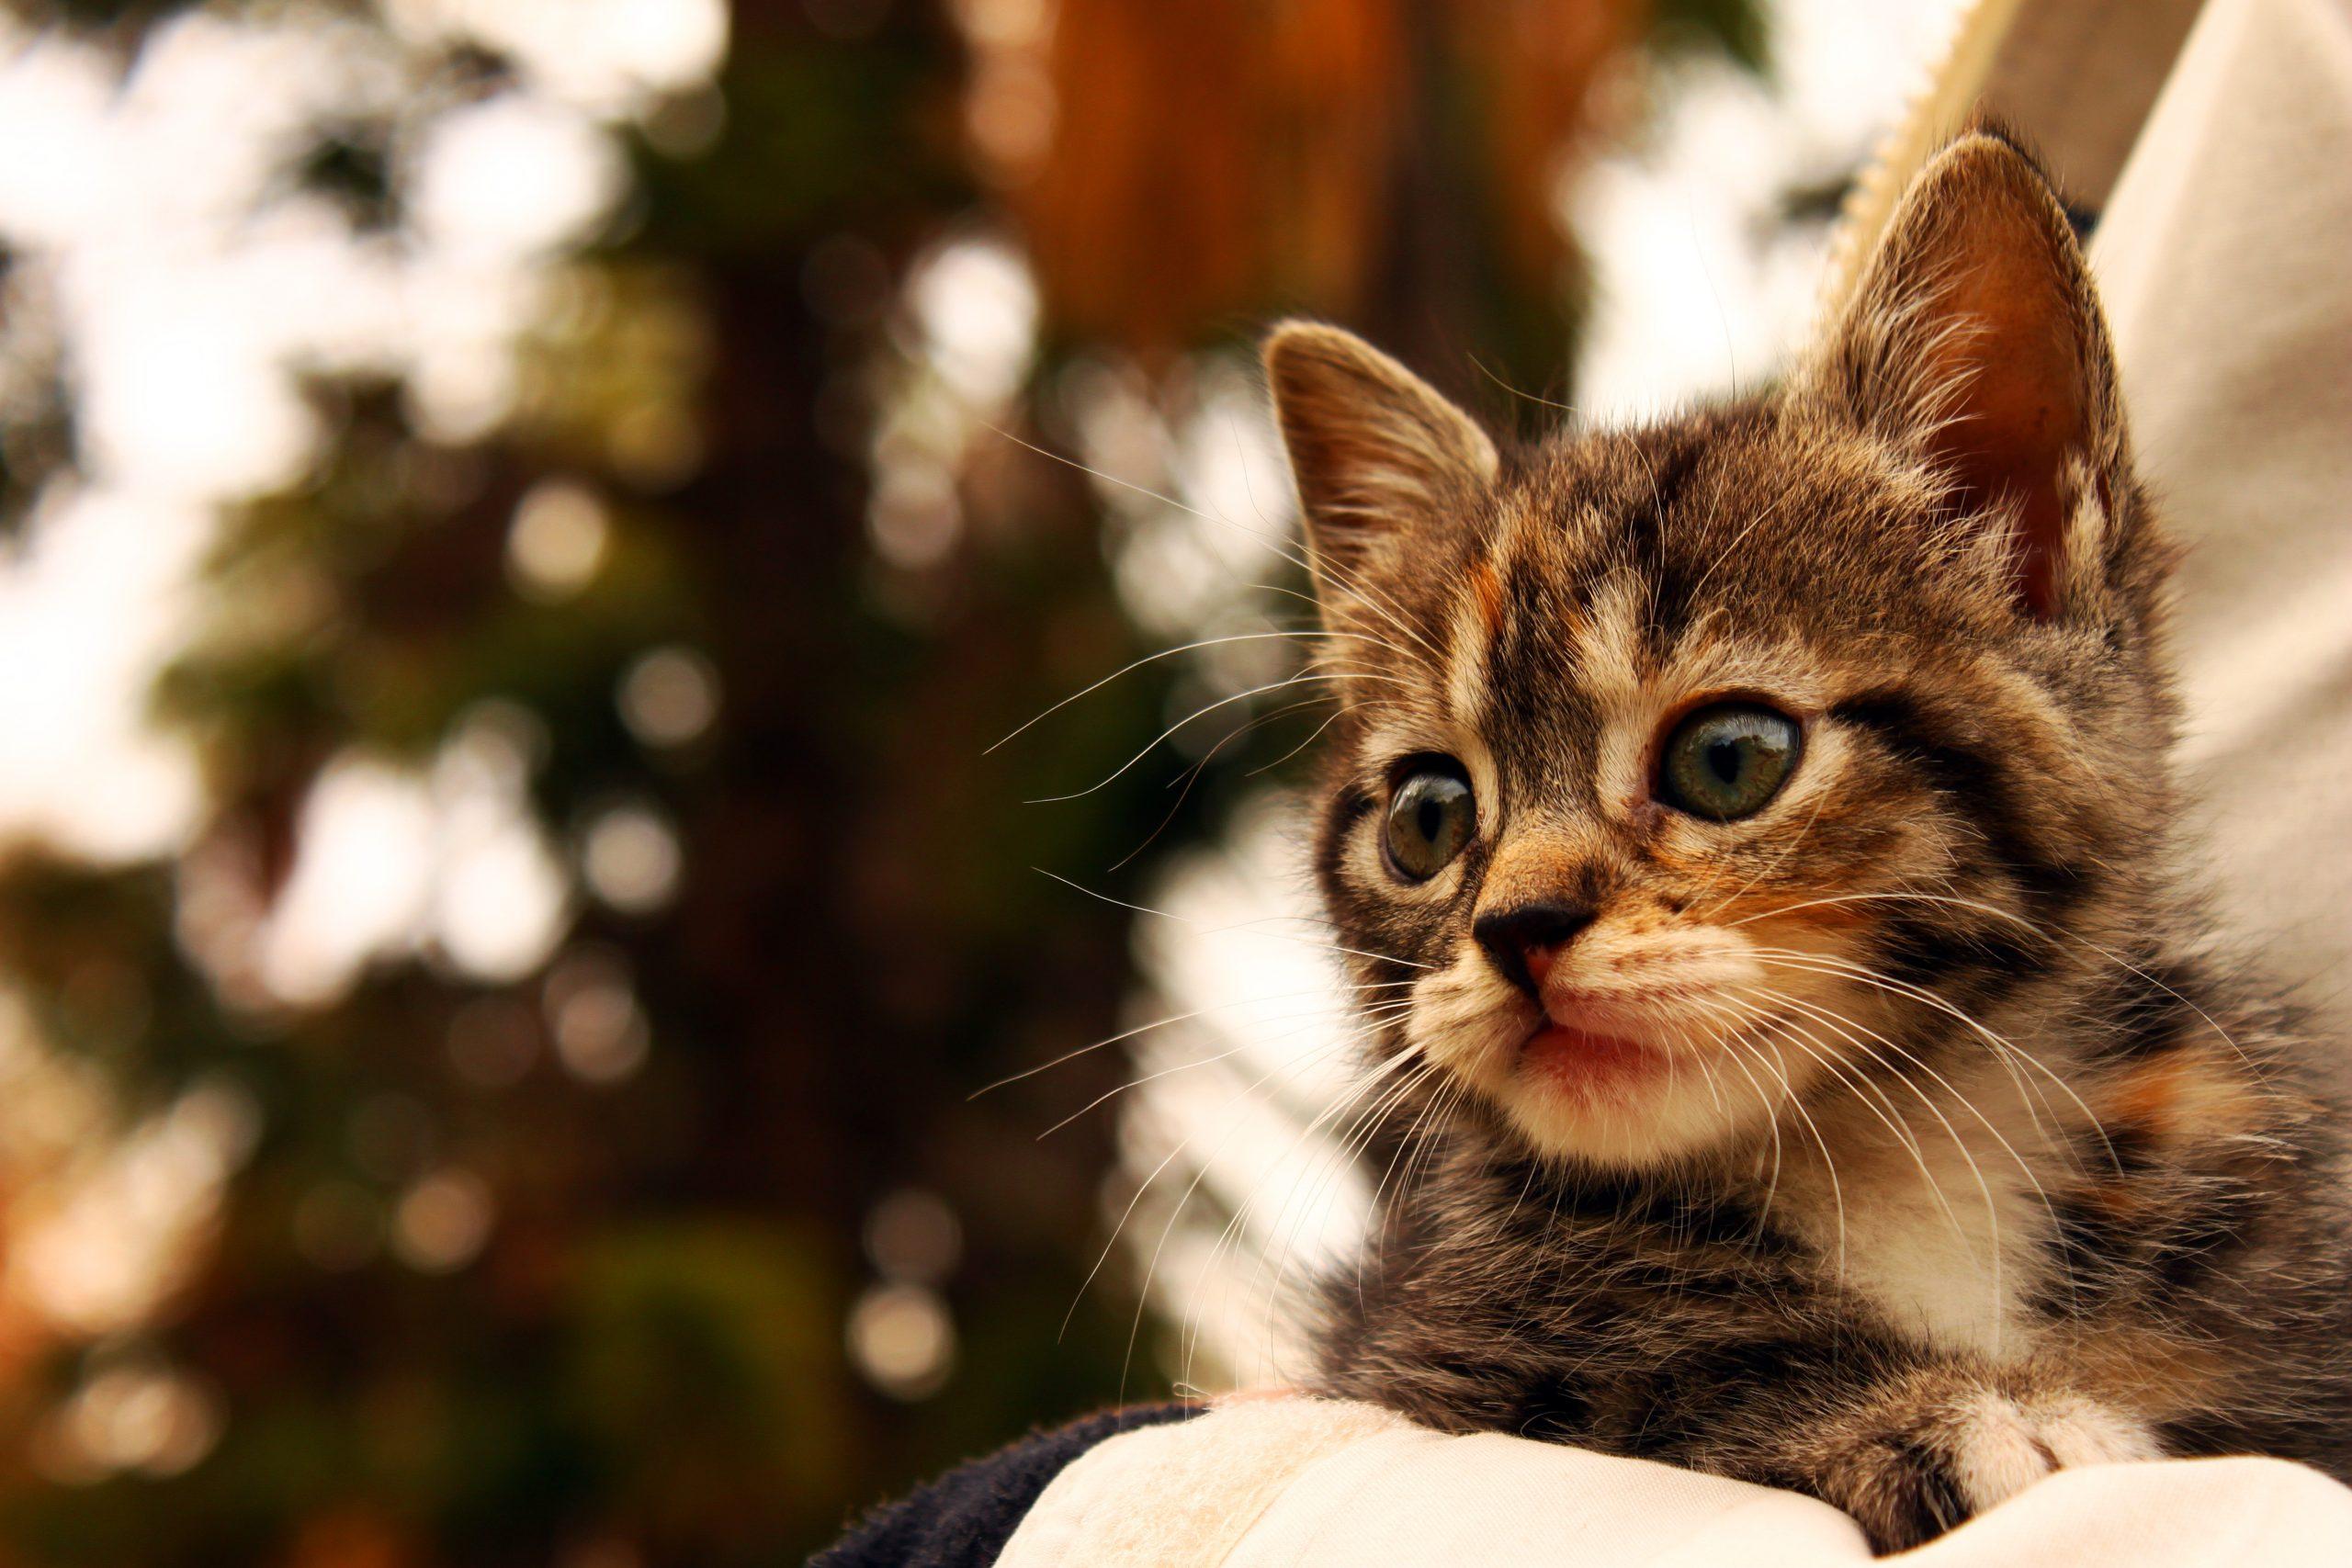 chat problème à cause d'un manque de sevrage